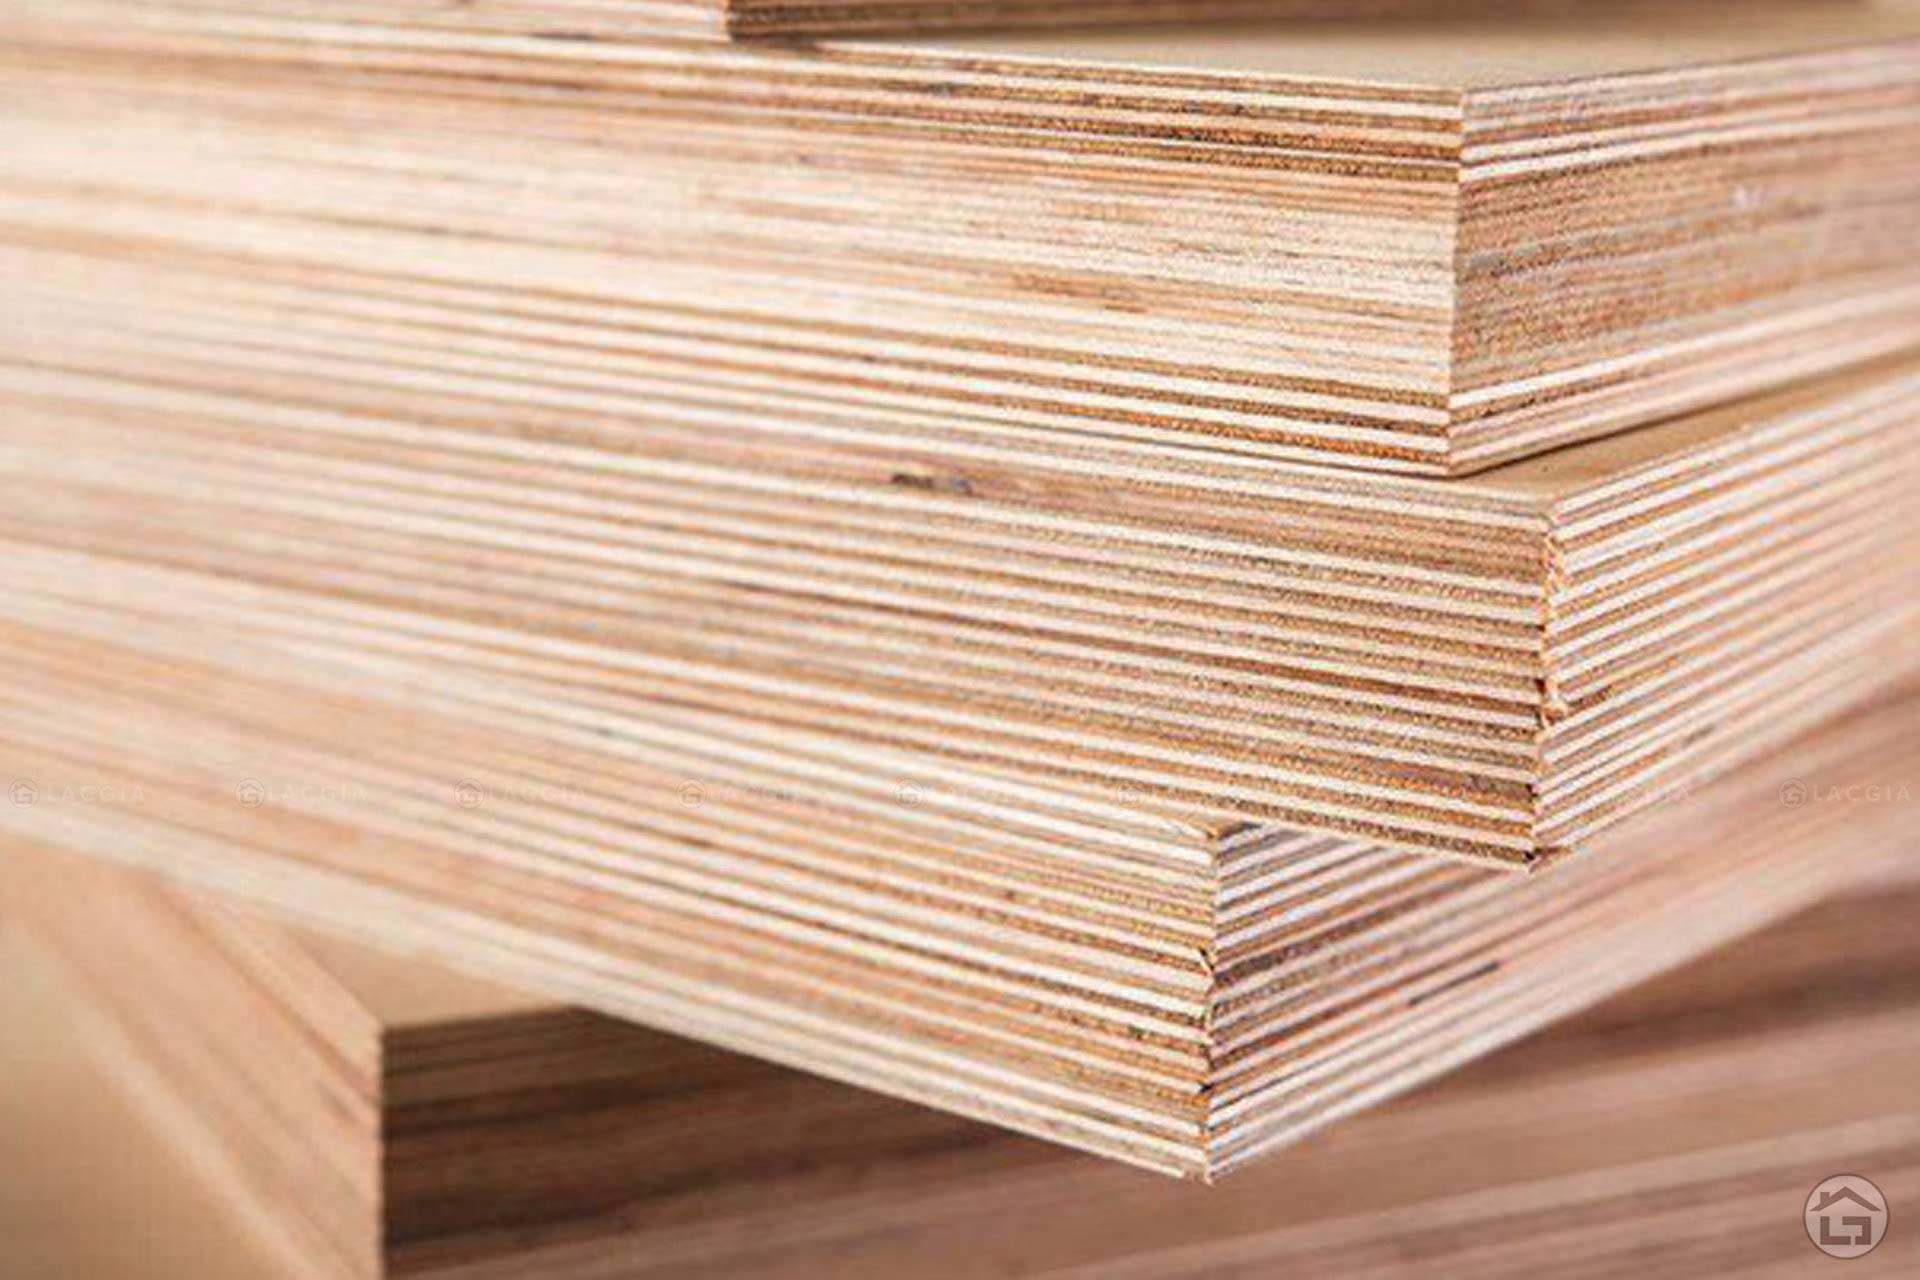 Gỗ Plywood là loại vật liệu được yêu thích trong sản xuất nội thất hiện nay